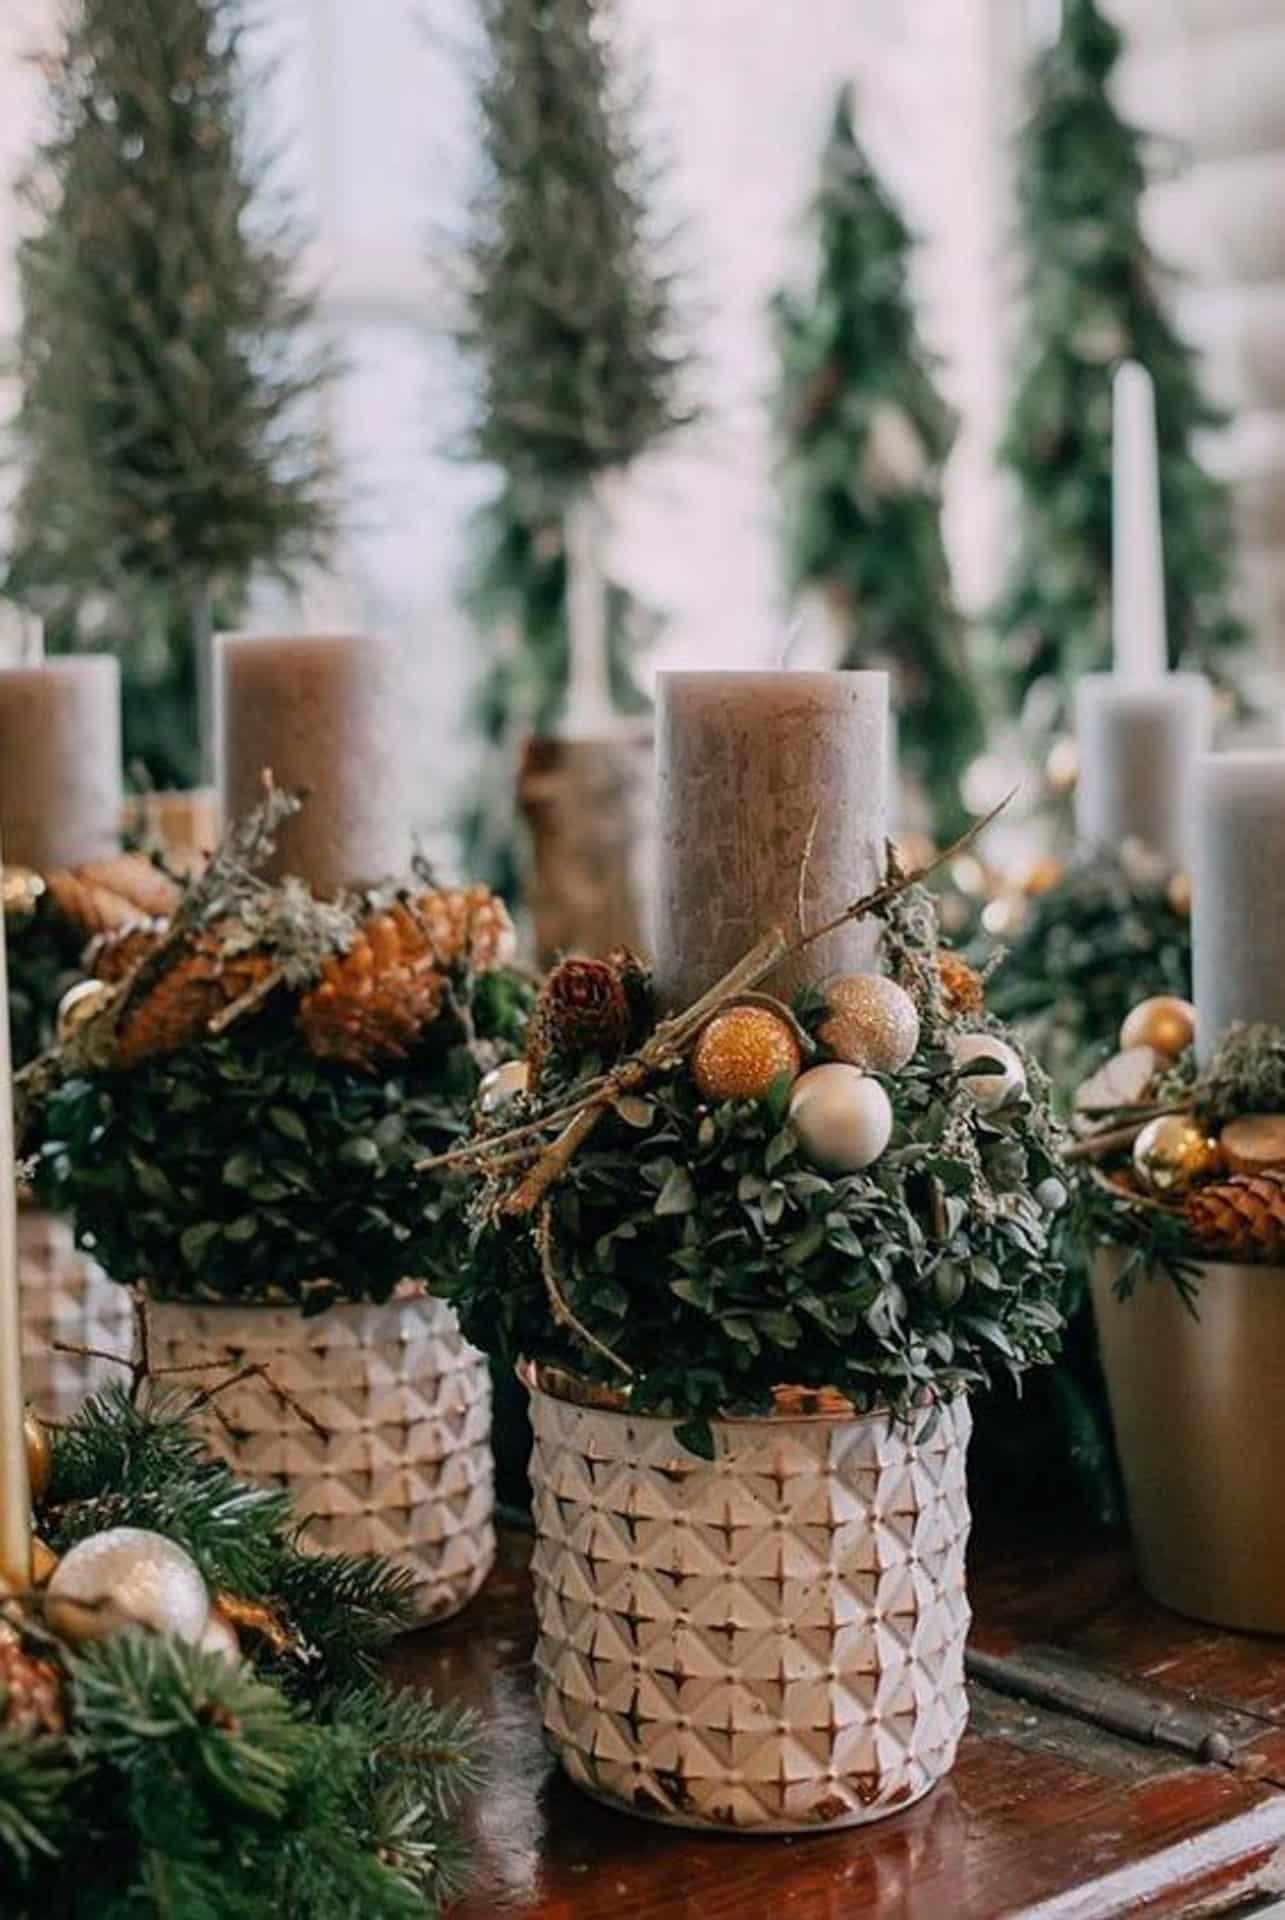 元創方PMQ Christmas Bazaar:Gather for Gifts of Love 聖誕工作坊體驗